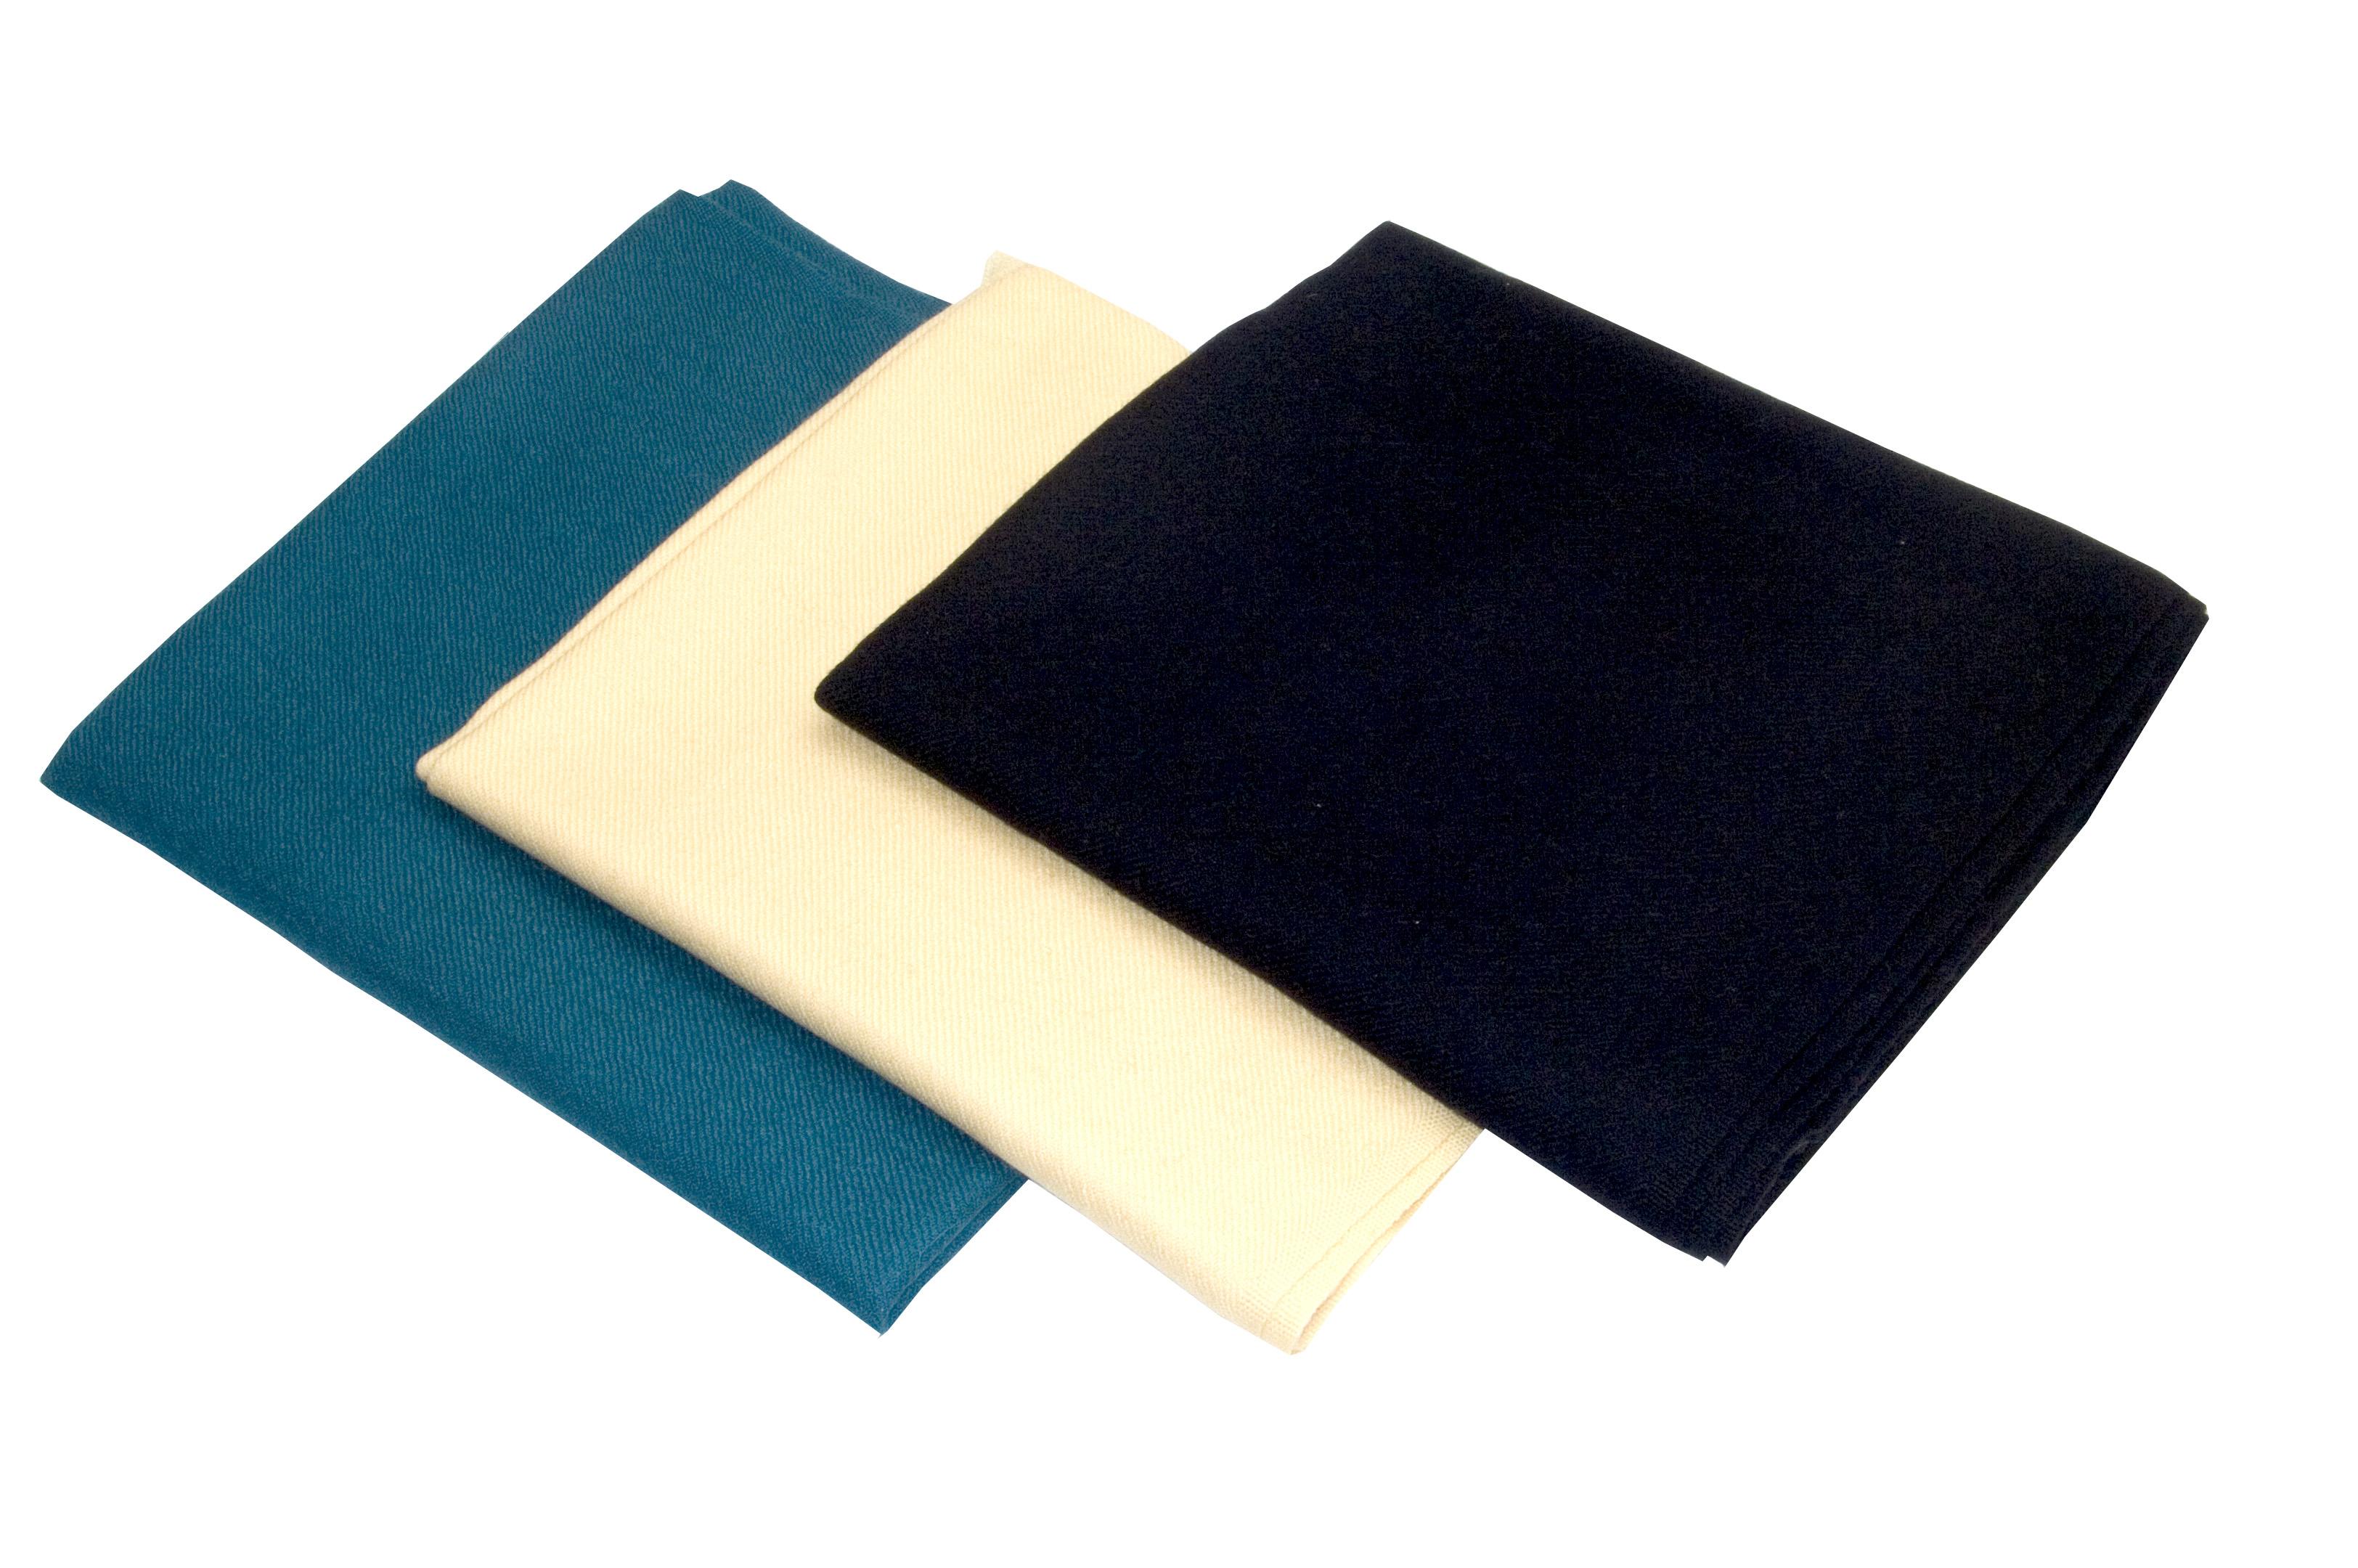 Kašmír – nebo přesněji kašmírová vlna – patří k těm nejluxusnějším  přírodním textilním materiálům c867e2509a